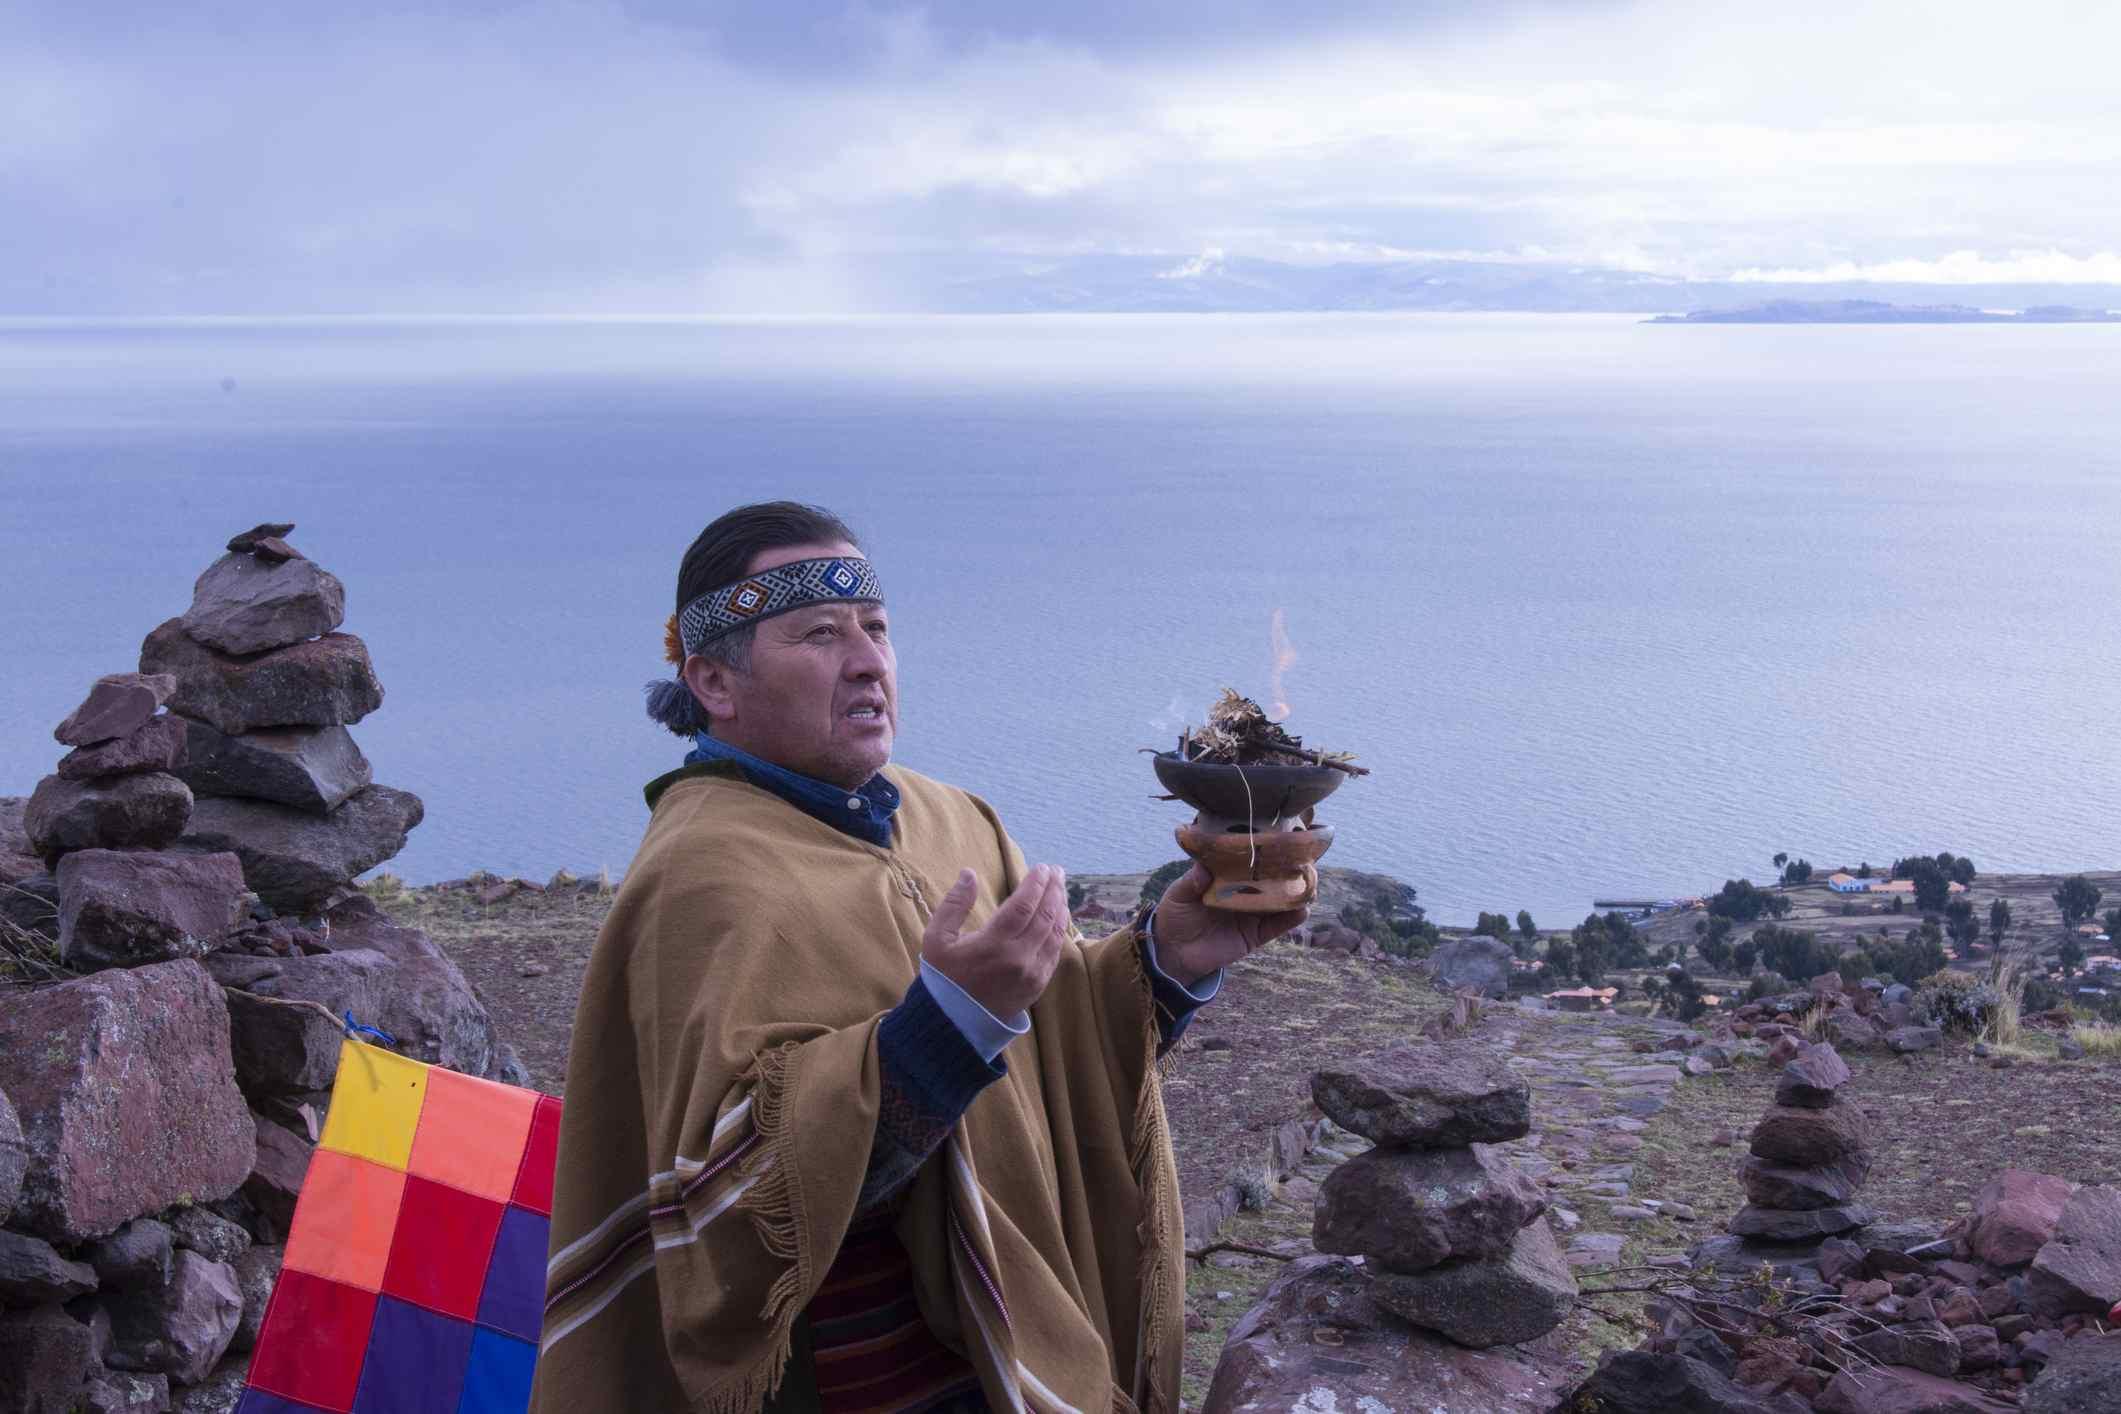 Shamanic ceremony, Island of Amantani, Lake Titicaca, Peru